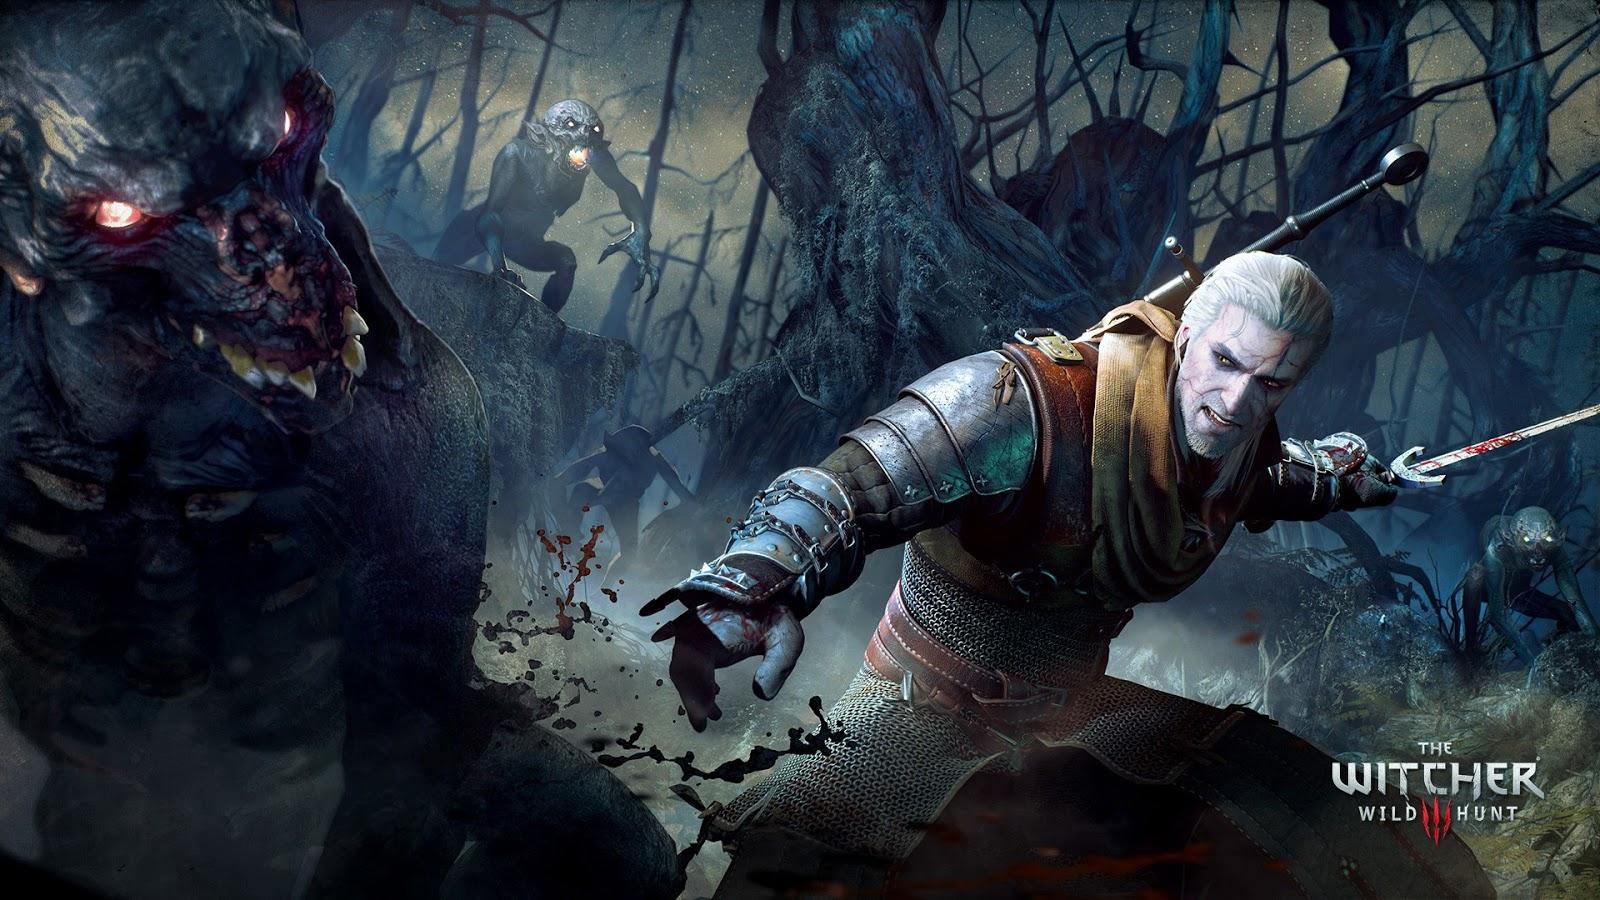 The Witcher 3: Projeto de modificação melhora significativamente as texturas do jogo